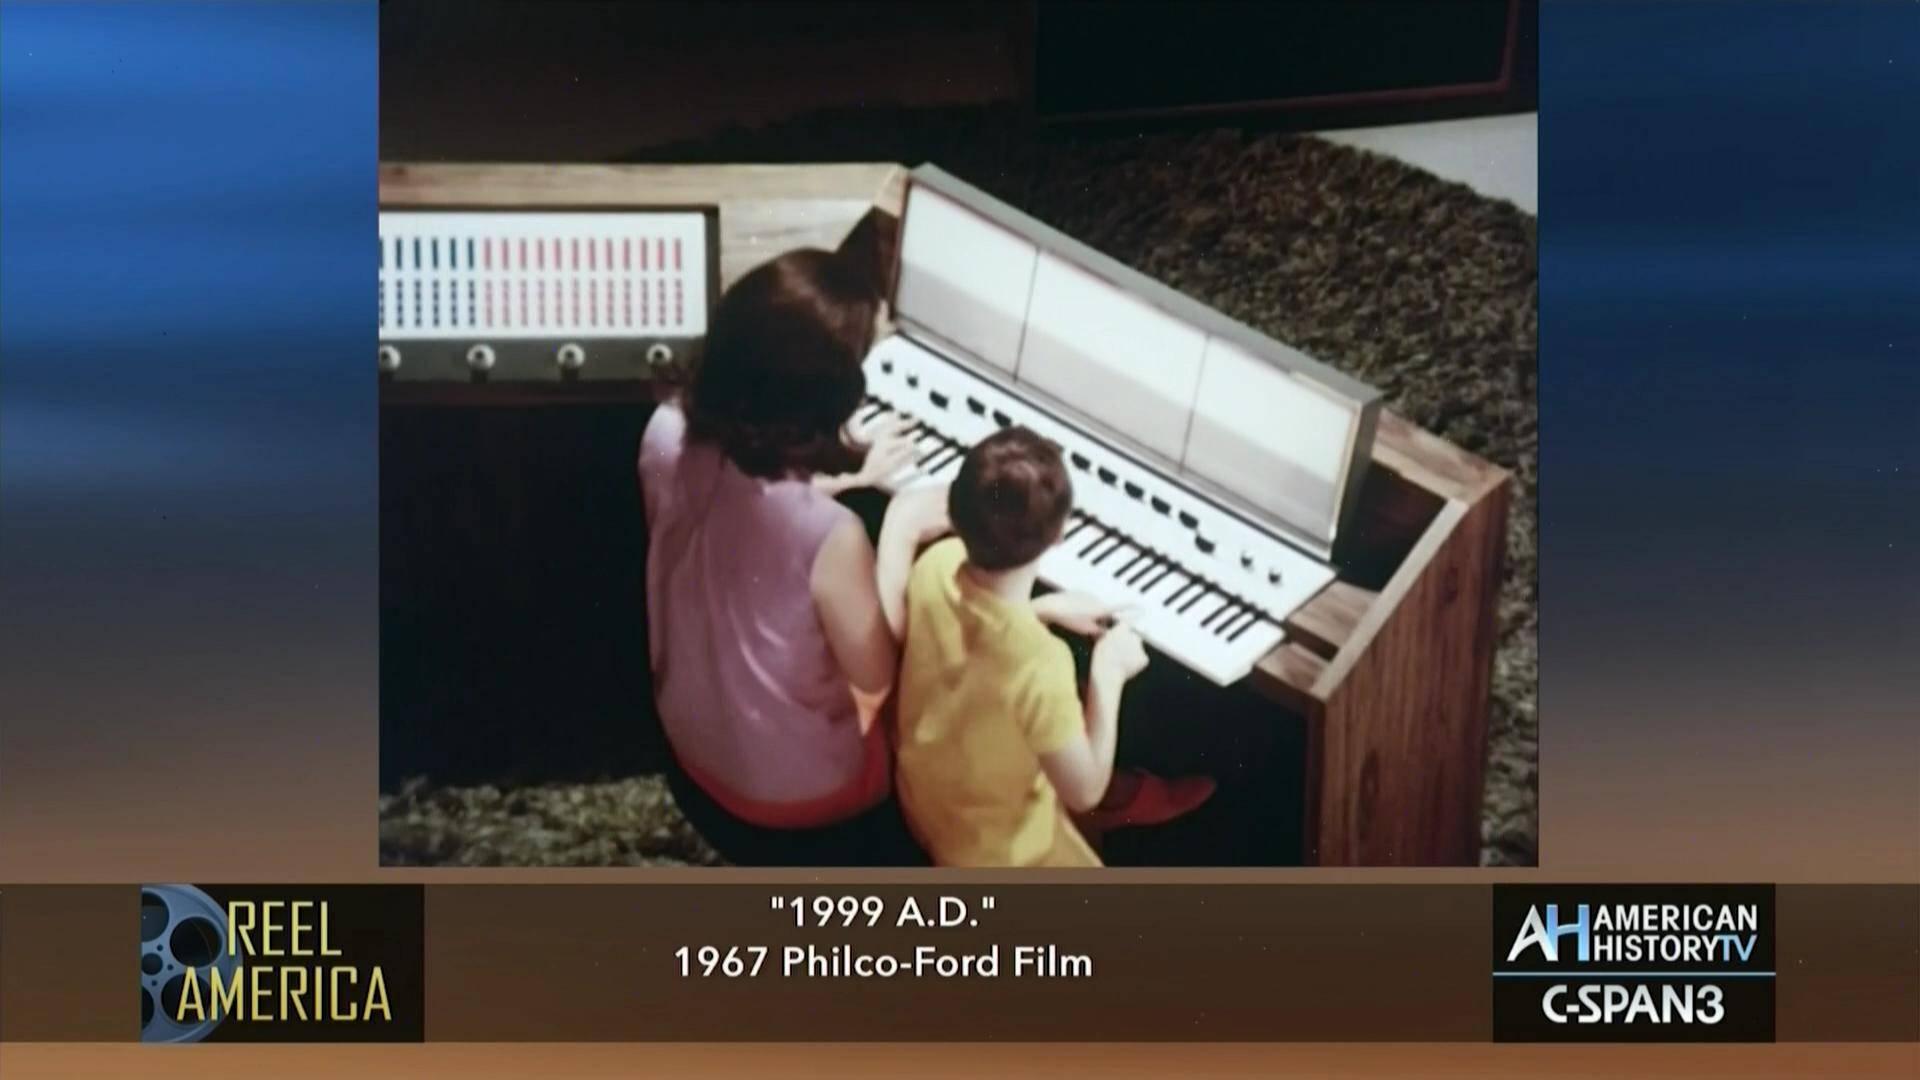 Photo of فیلم 1999 A.D یا 1999 سال پس از میلاد نمایانگر تصور انسان در 1967 از آینده فناوری